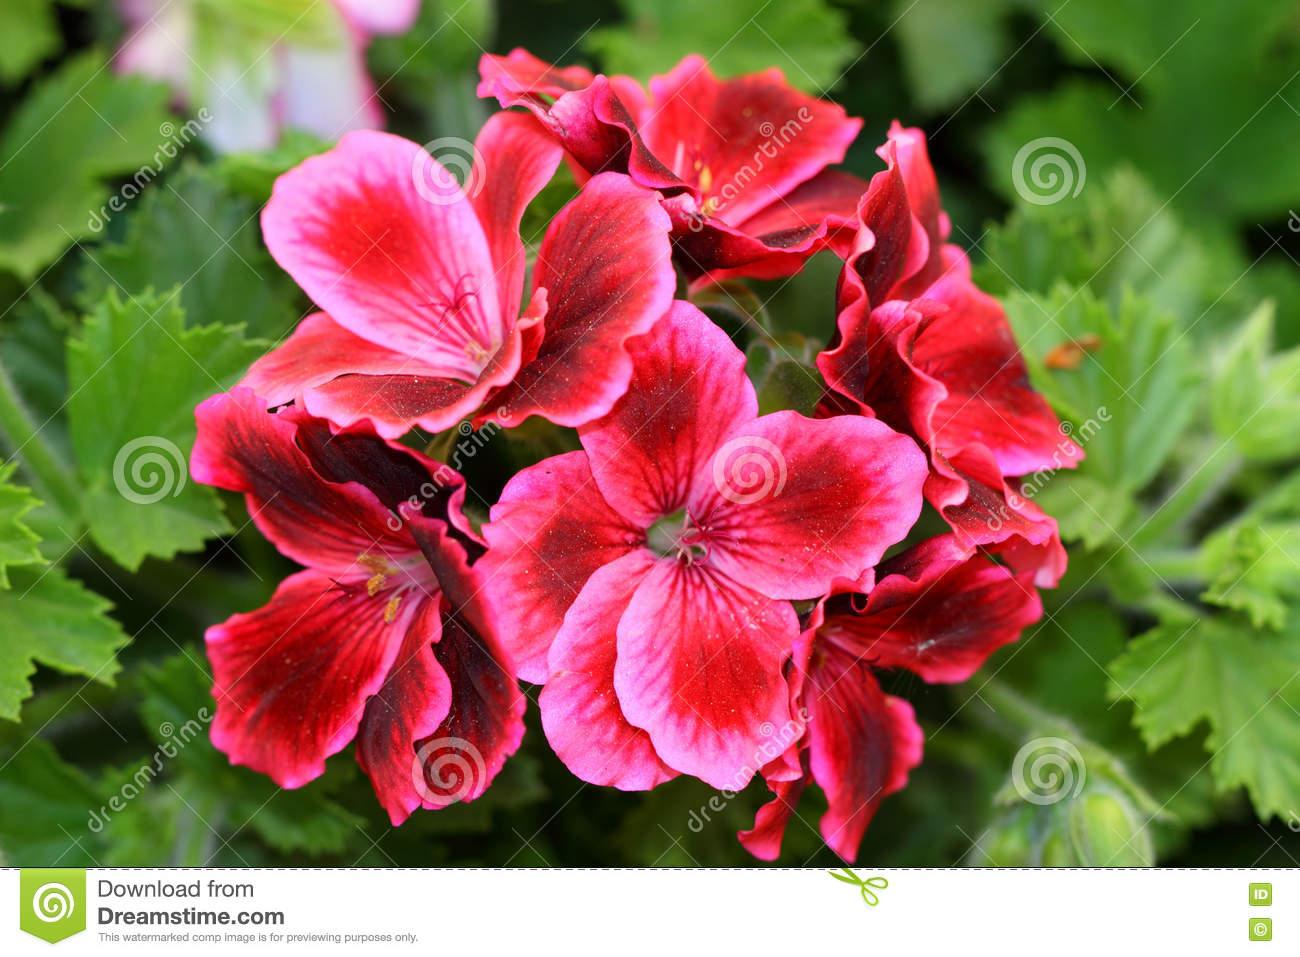 Pelargonium Grandiflorum Or French Geranium Flowers Stock Photo.